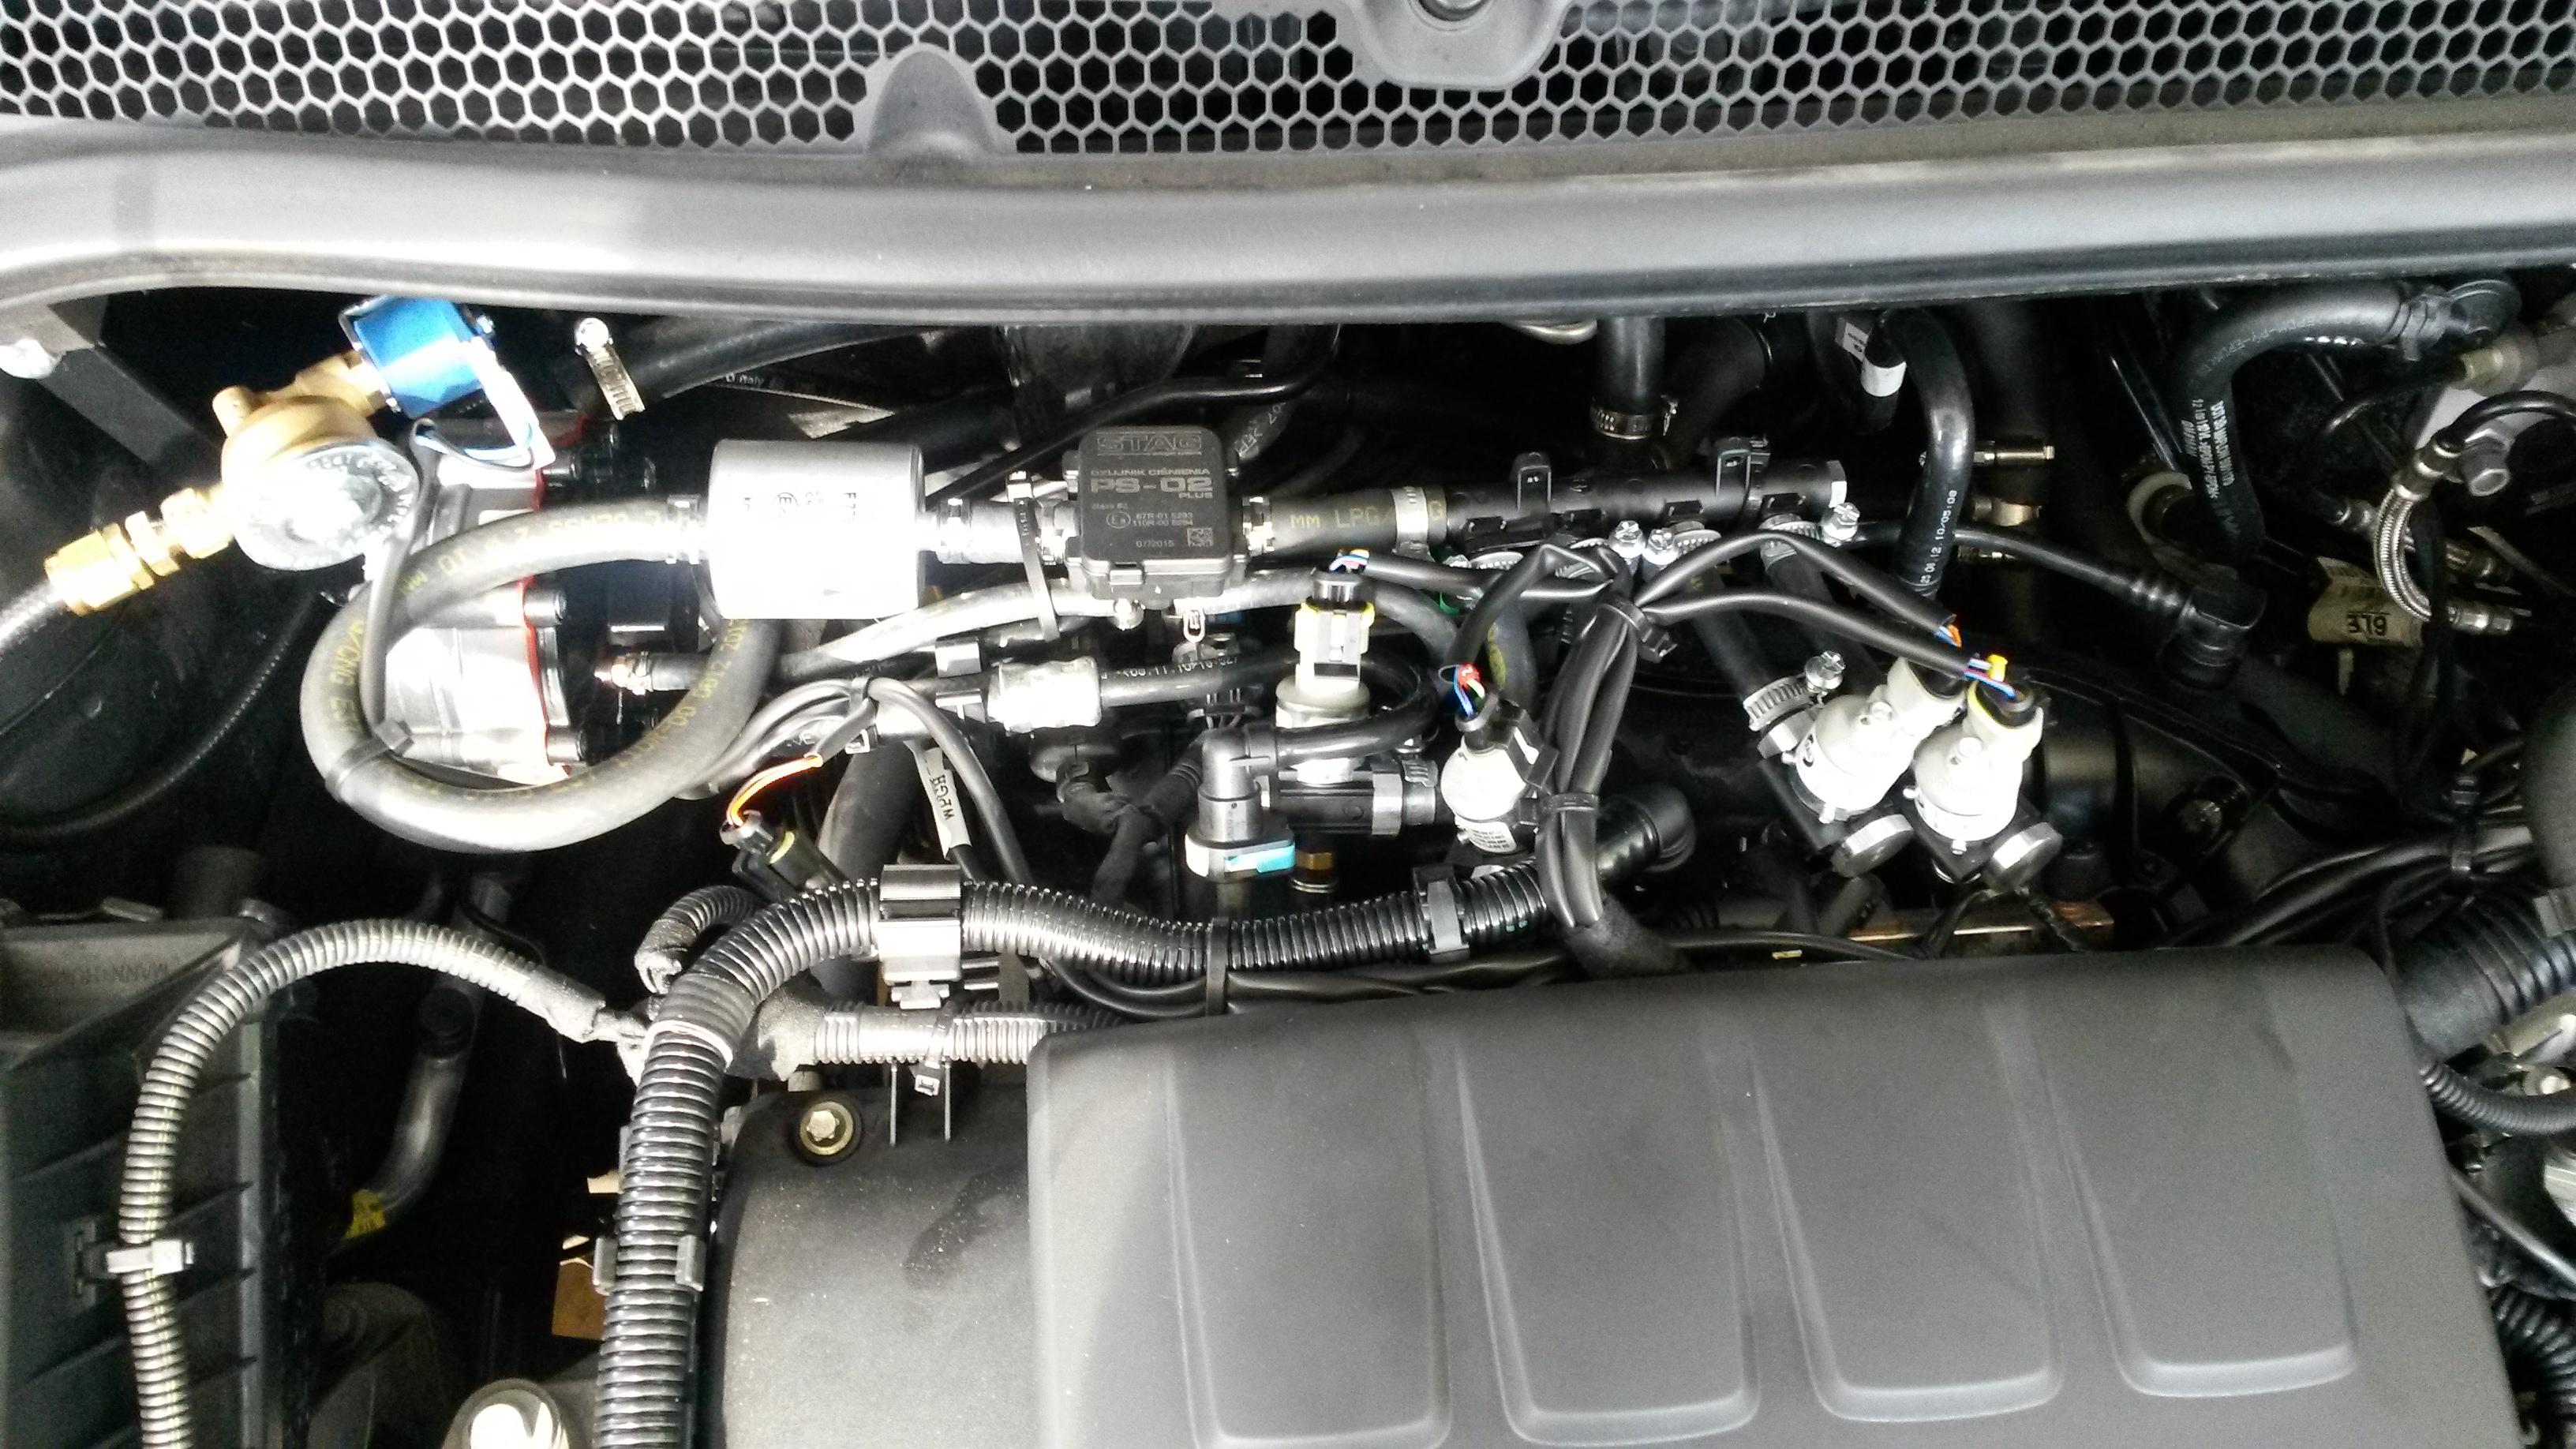 Schema Elettrico Impianto Gpl Romano : Opel astra turbo con impianto gpl maggiorato